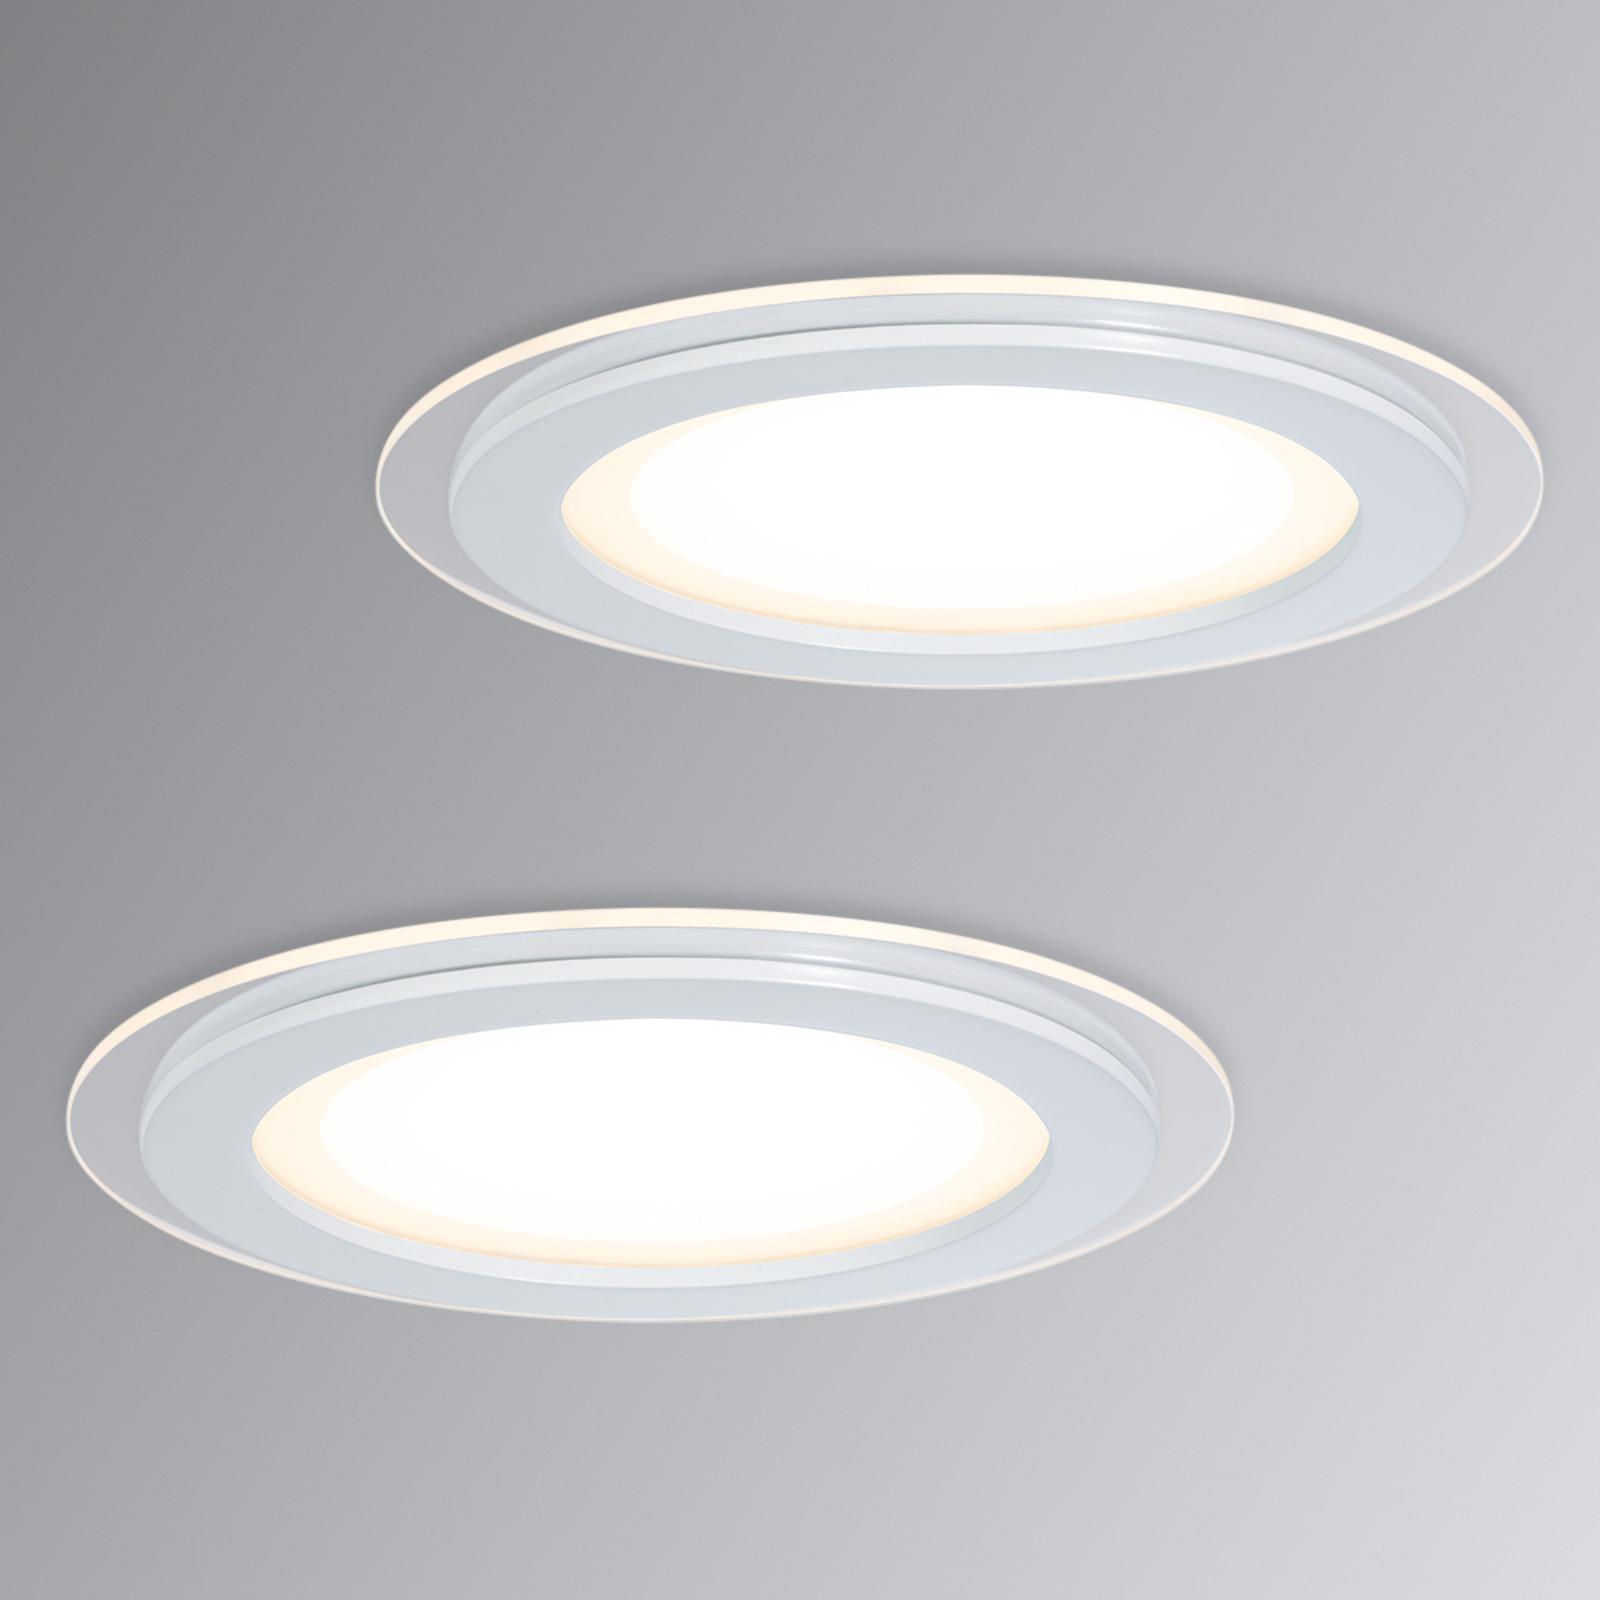 Dove acquistare Downlight LED Premium Line DecoDot – set da 2